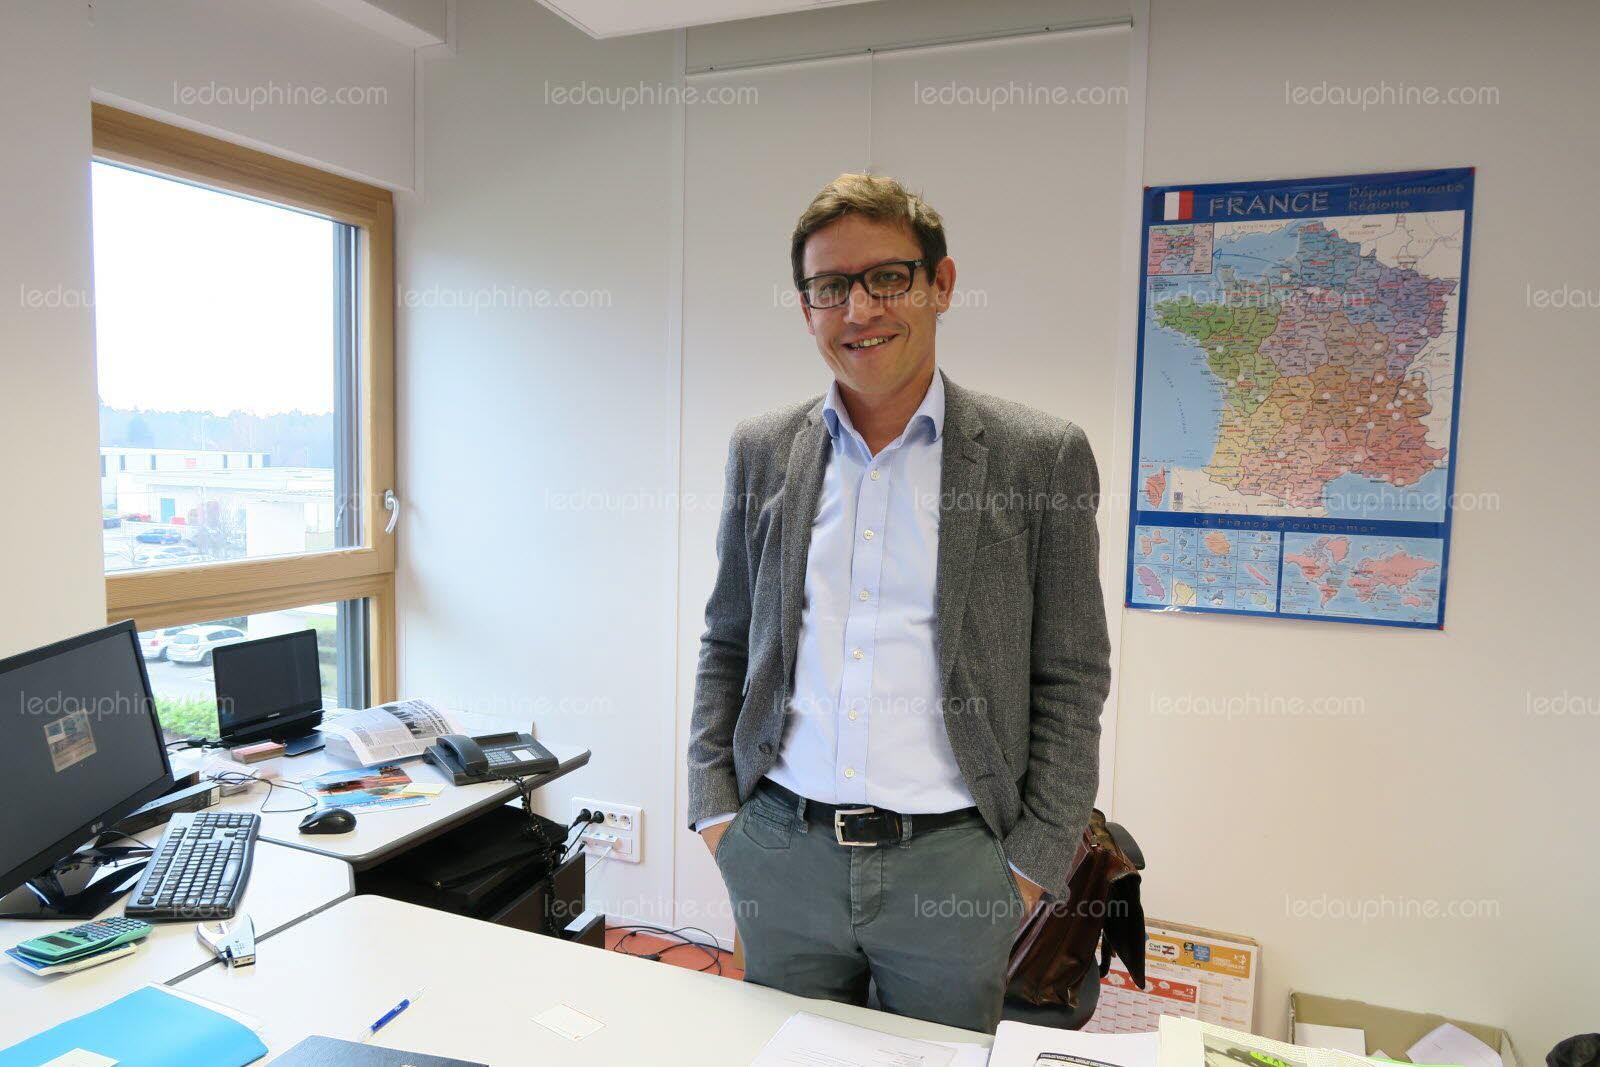 arnaud busquet est le directeur general du bureau de controles haut savoyard photo archives